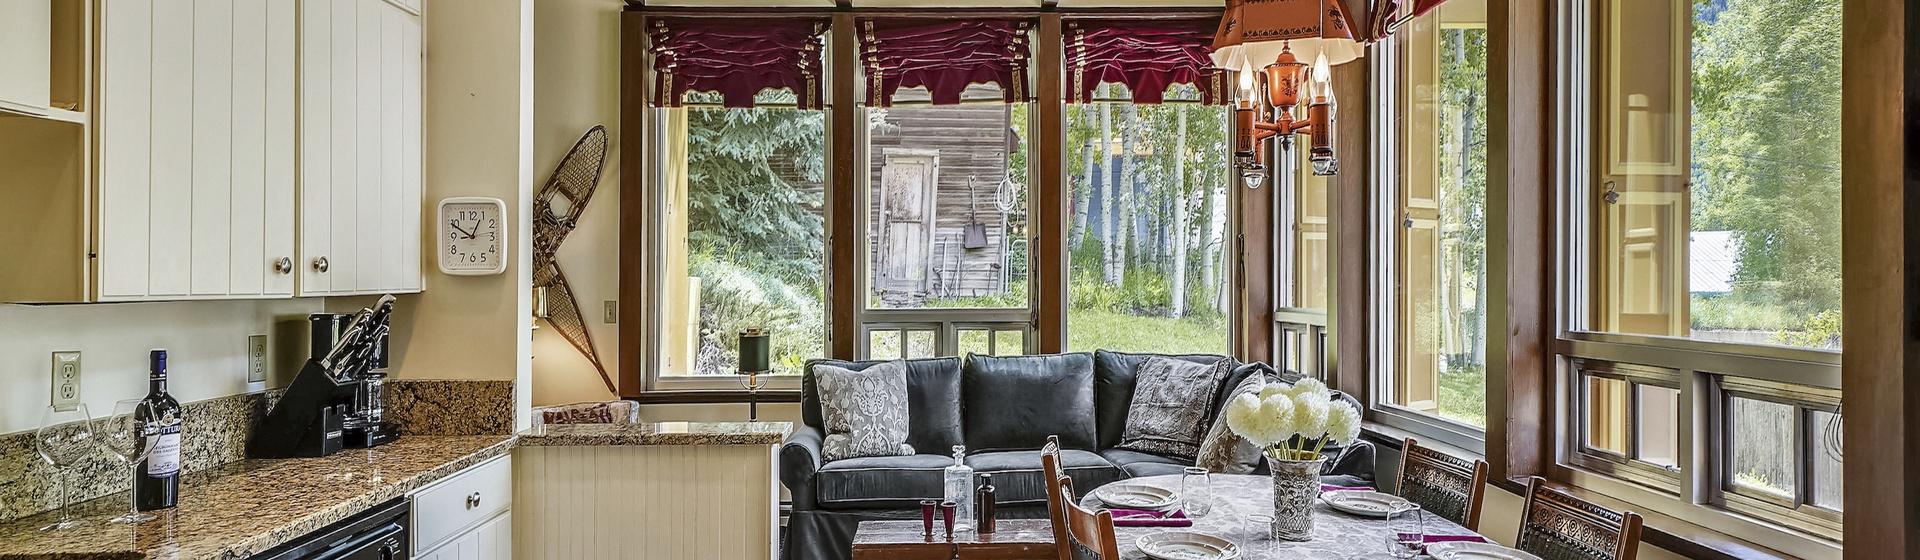 2.05-telluride-summer-haus-kitchen-dining-web.jpg